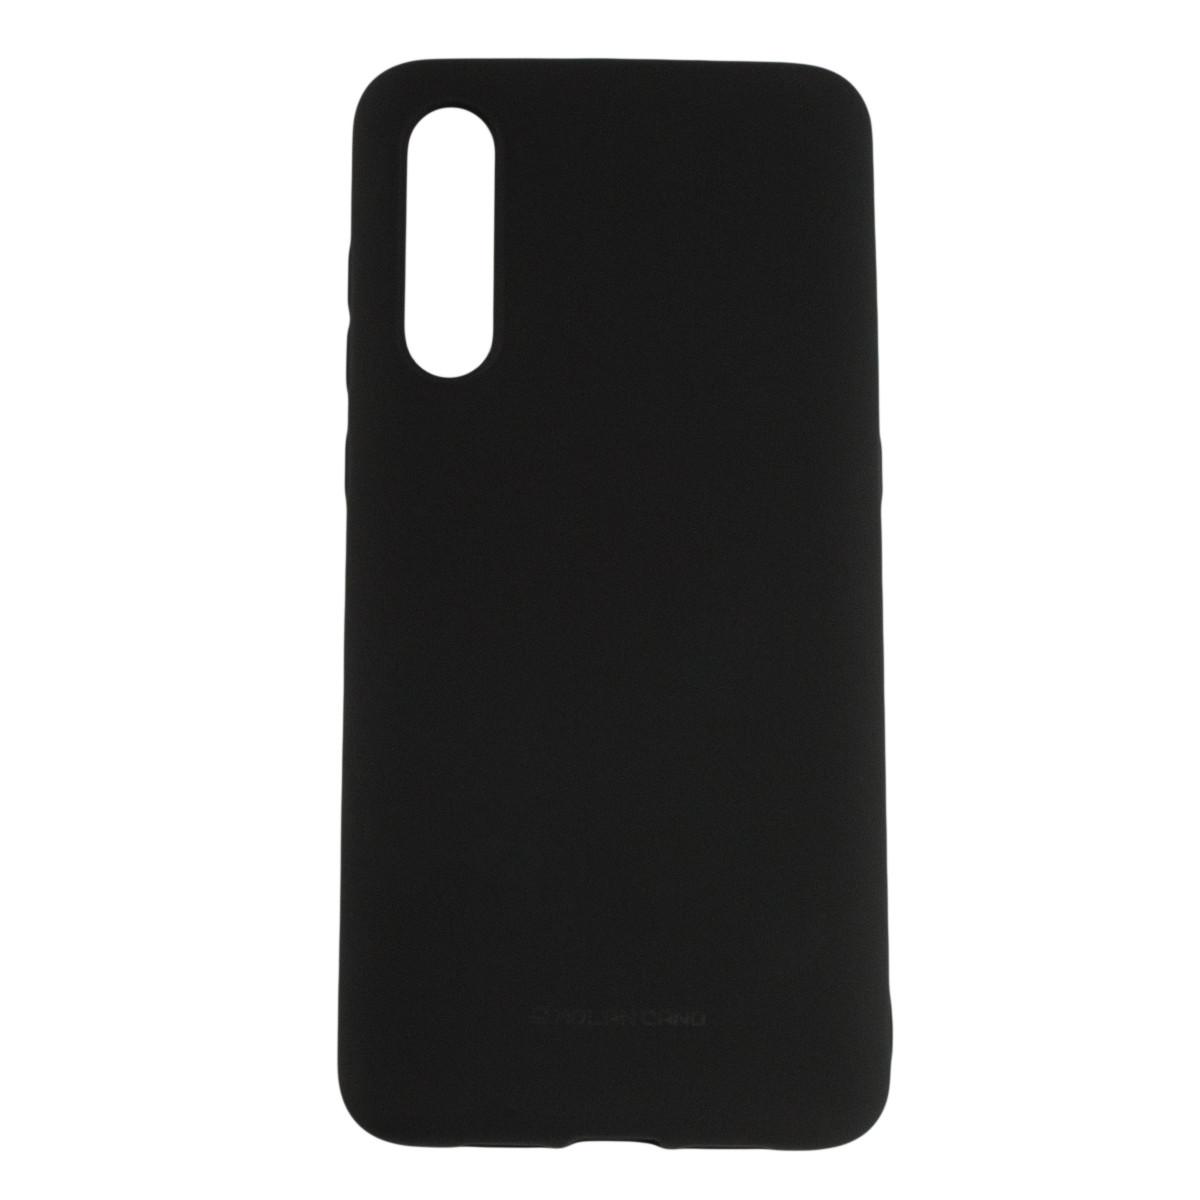 Оригинальный силиконовый чехол Molan Cano Jelly Case для Xiaomi Mi 9